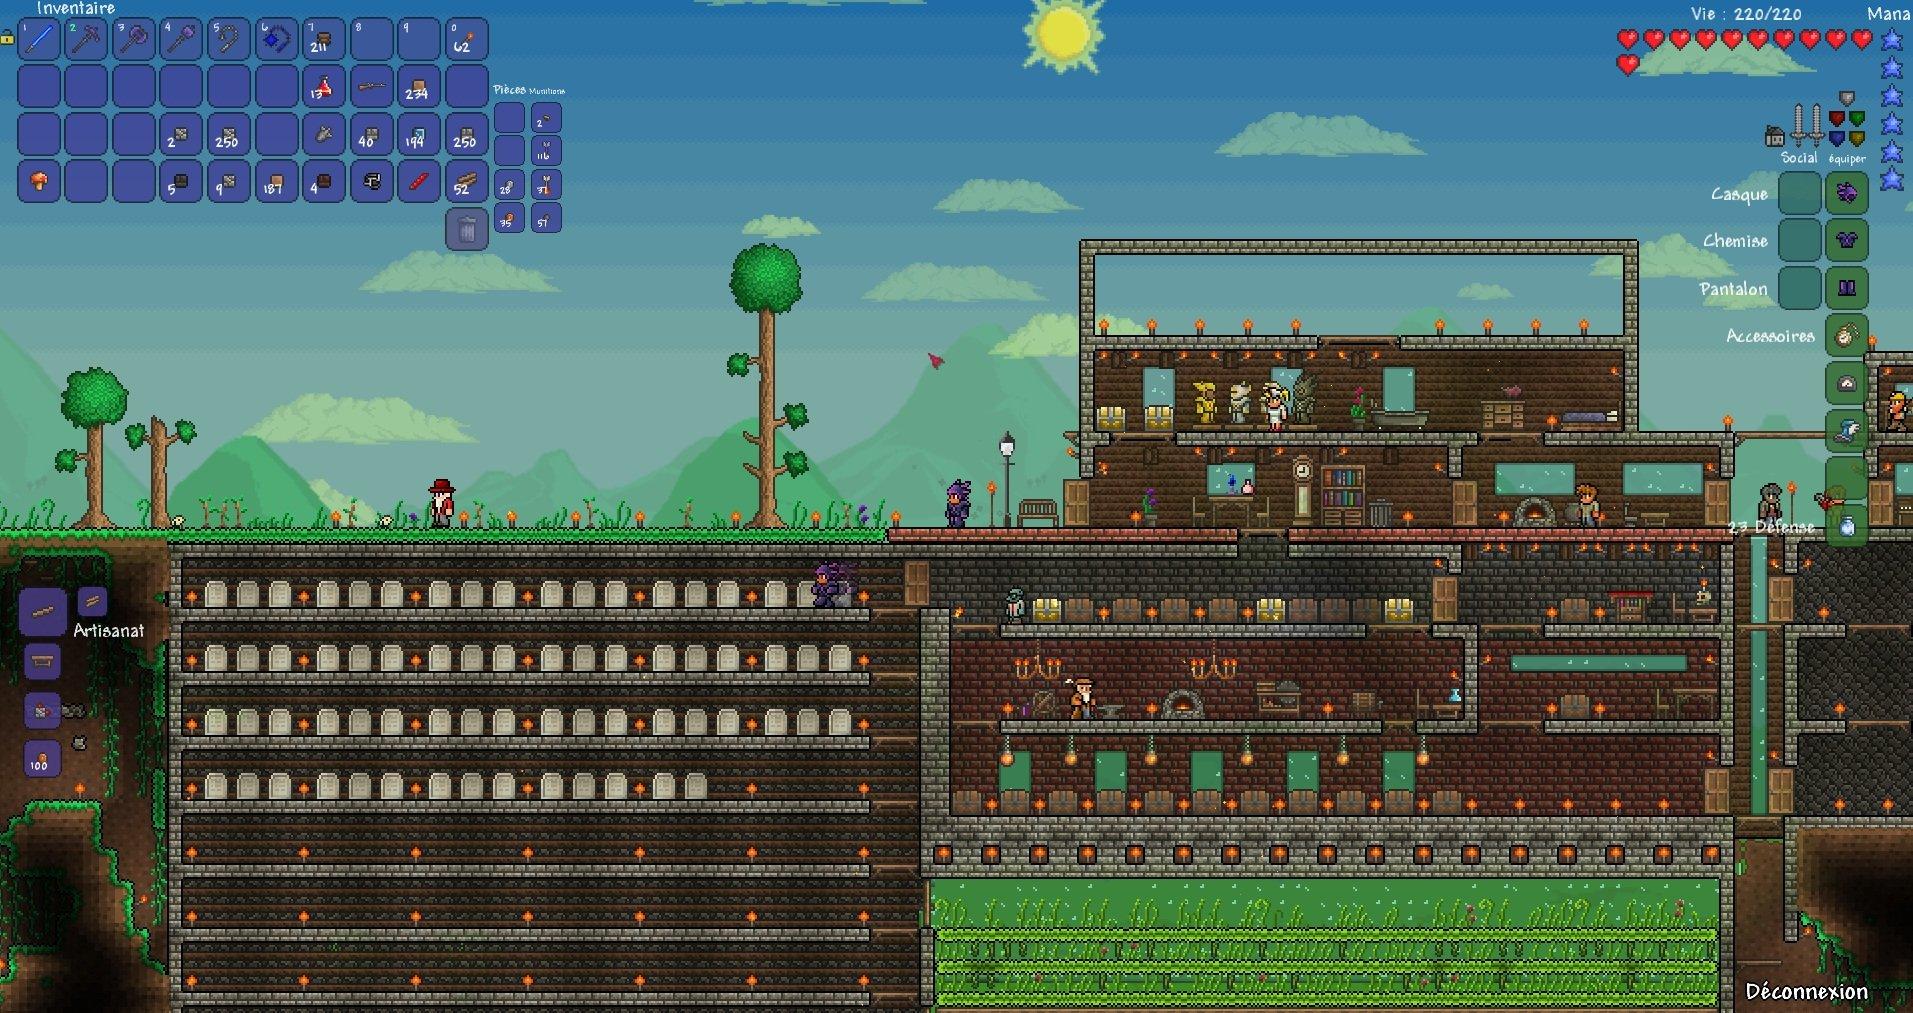 Minecraft en 2D : Terraria 64944387-15e6-4a10-bea8-3e1cb8fa4c54